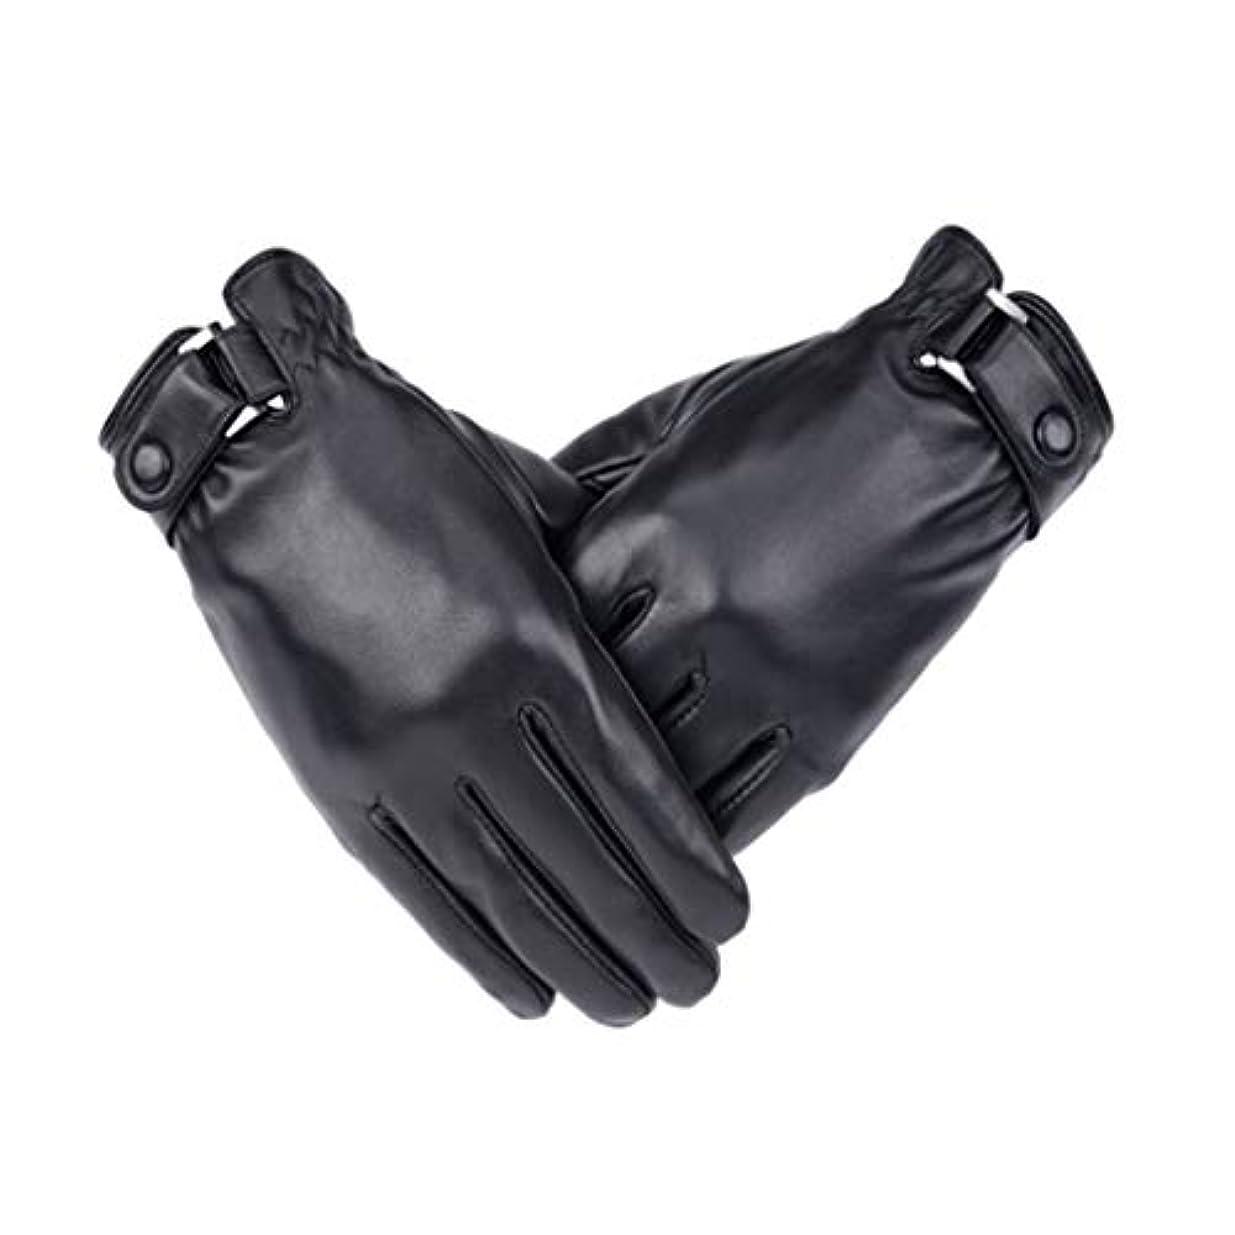 アライアンスお別れ騙す手袋の男性冬プラスベルベット厚手の革手袋暖かいタッチスクリーン羊革手袋ファッションモデルXLコード